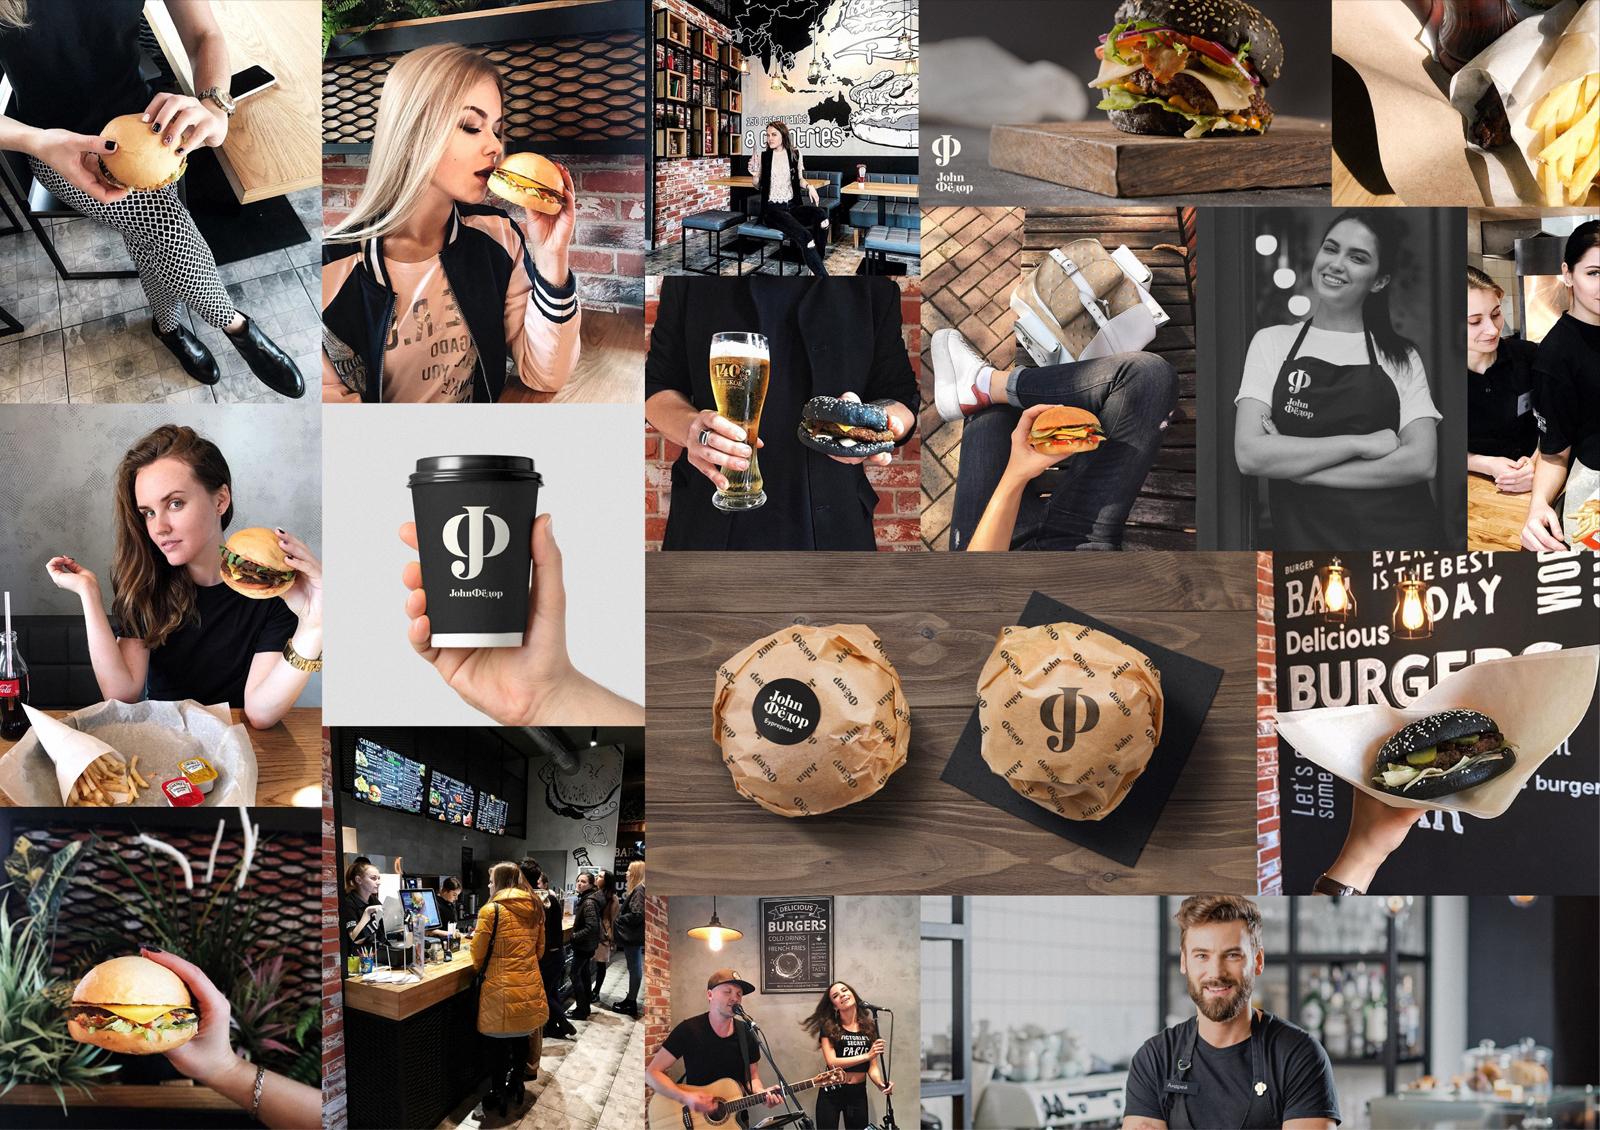 Ритейл-брендинг. Создание бренда и стратегии позиционирования бургерной «JohnФёдор», которые позволят проекту вырасти в крупную сеть, сохраняя свою индивидуальность и исключительный вкус бургеров.